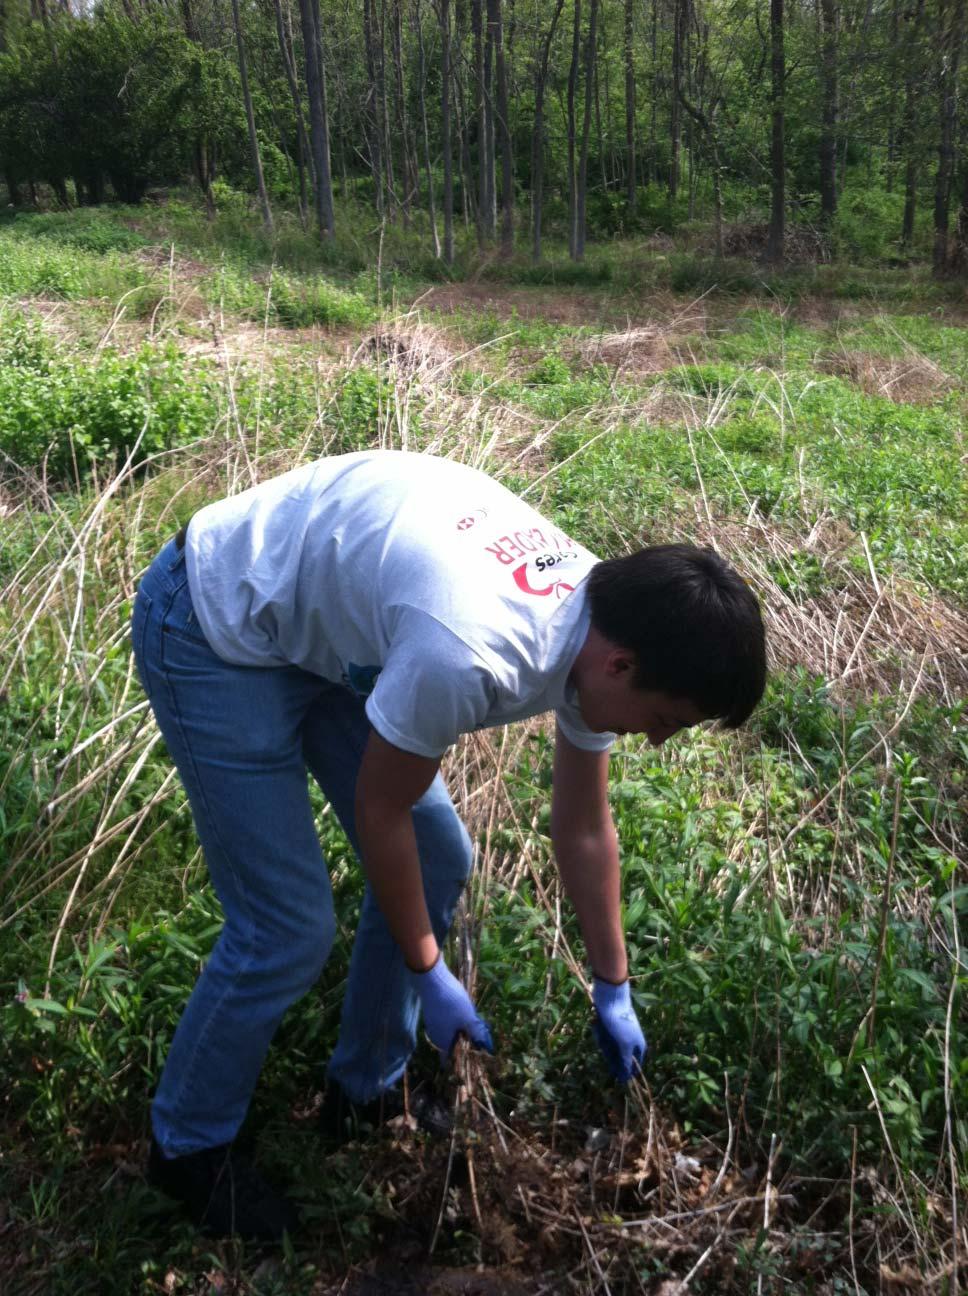 OnSIP team member clearing brush